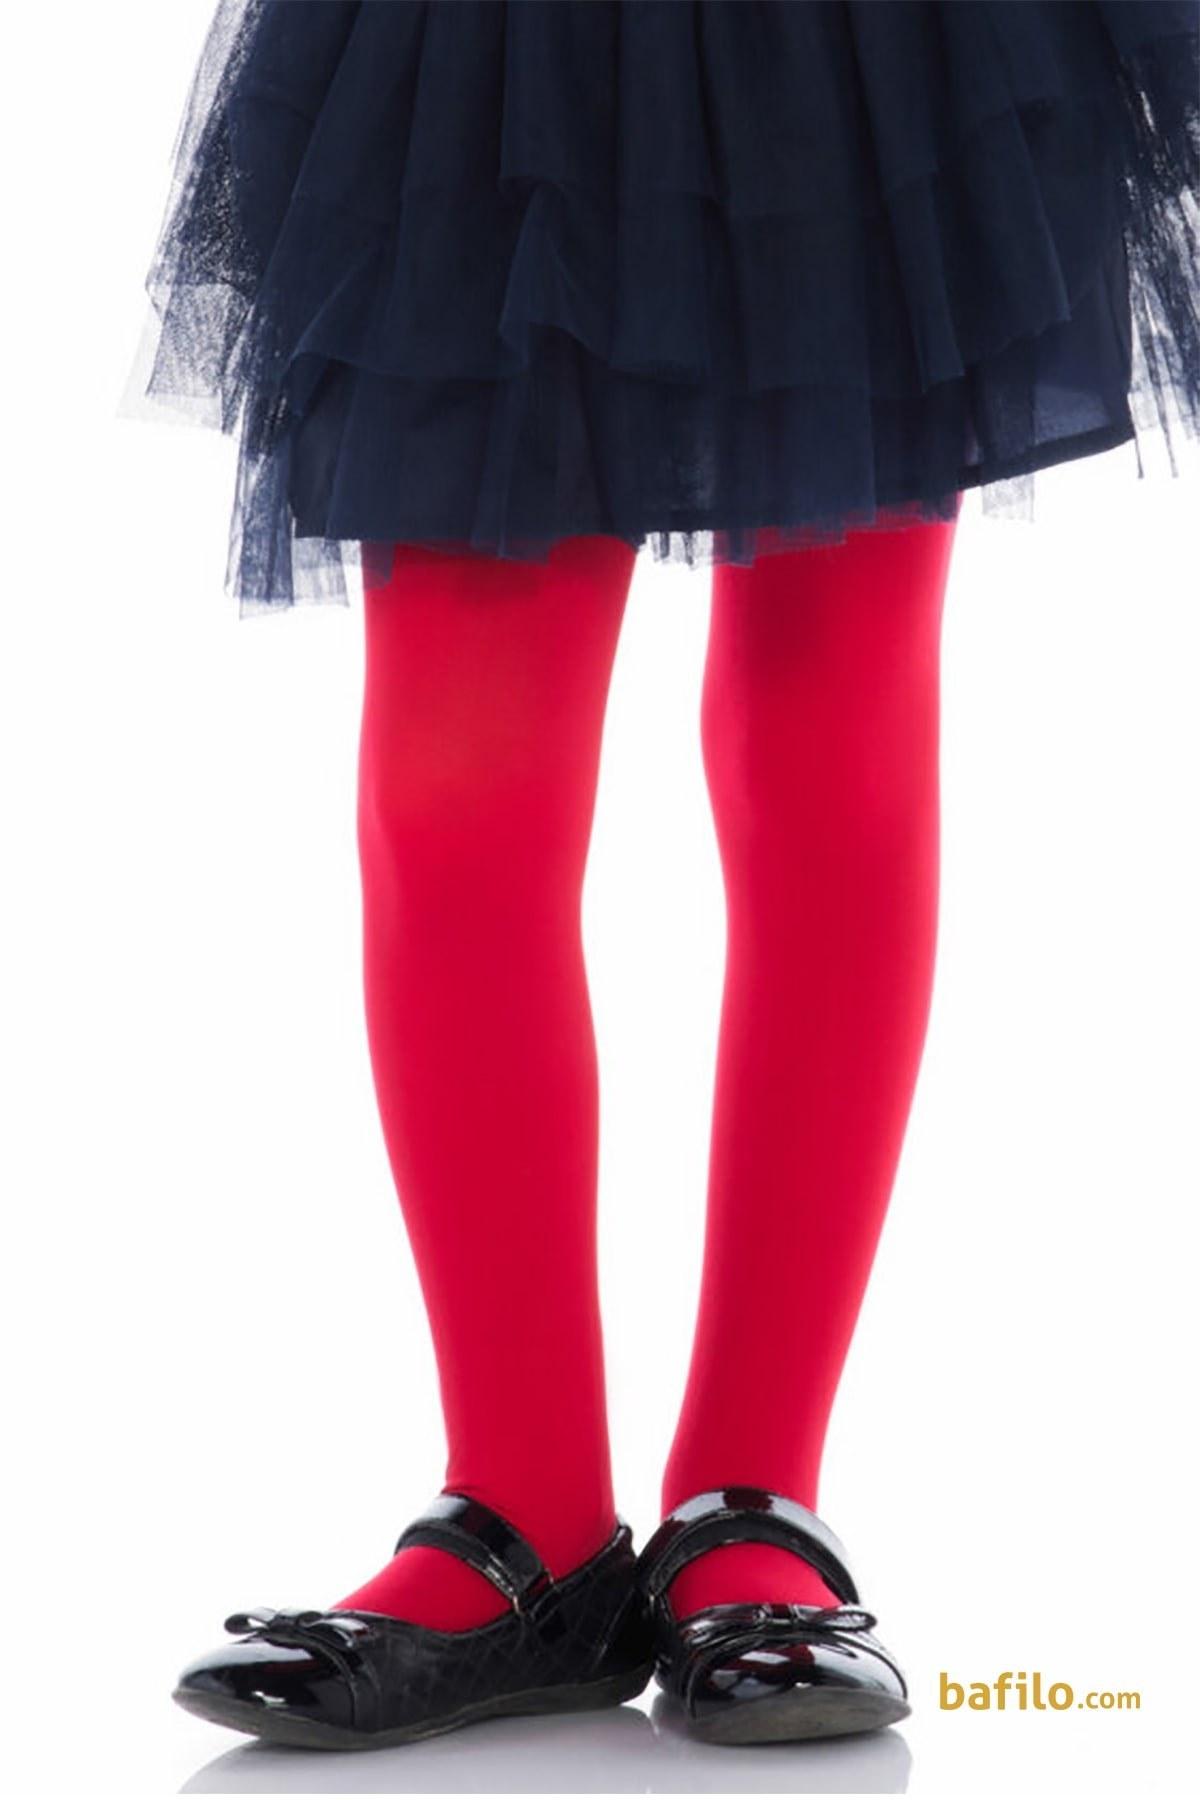 جوراب شلواری زنانه پنتی Mikro 40 قرمز | پنتی | Penti